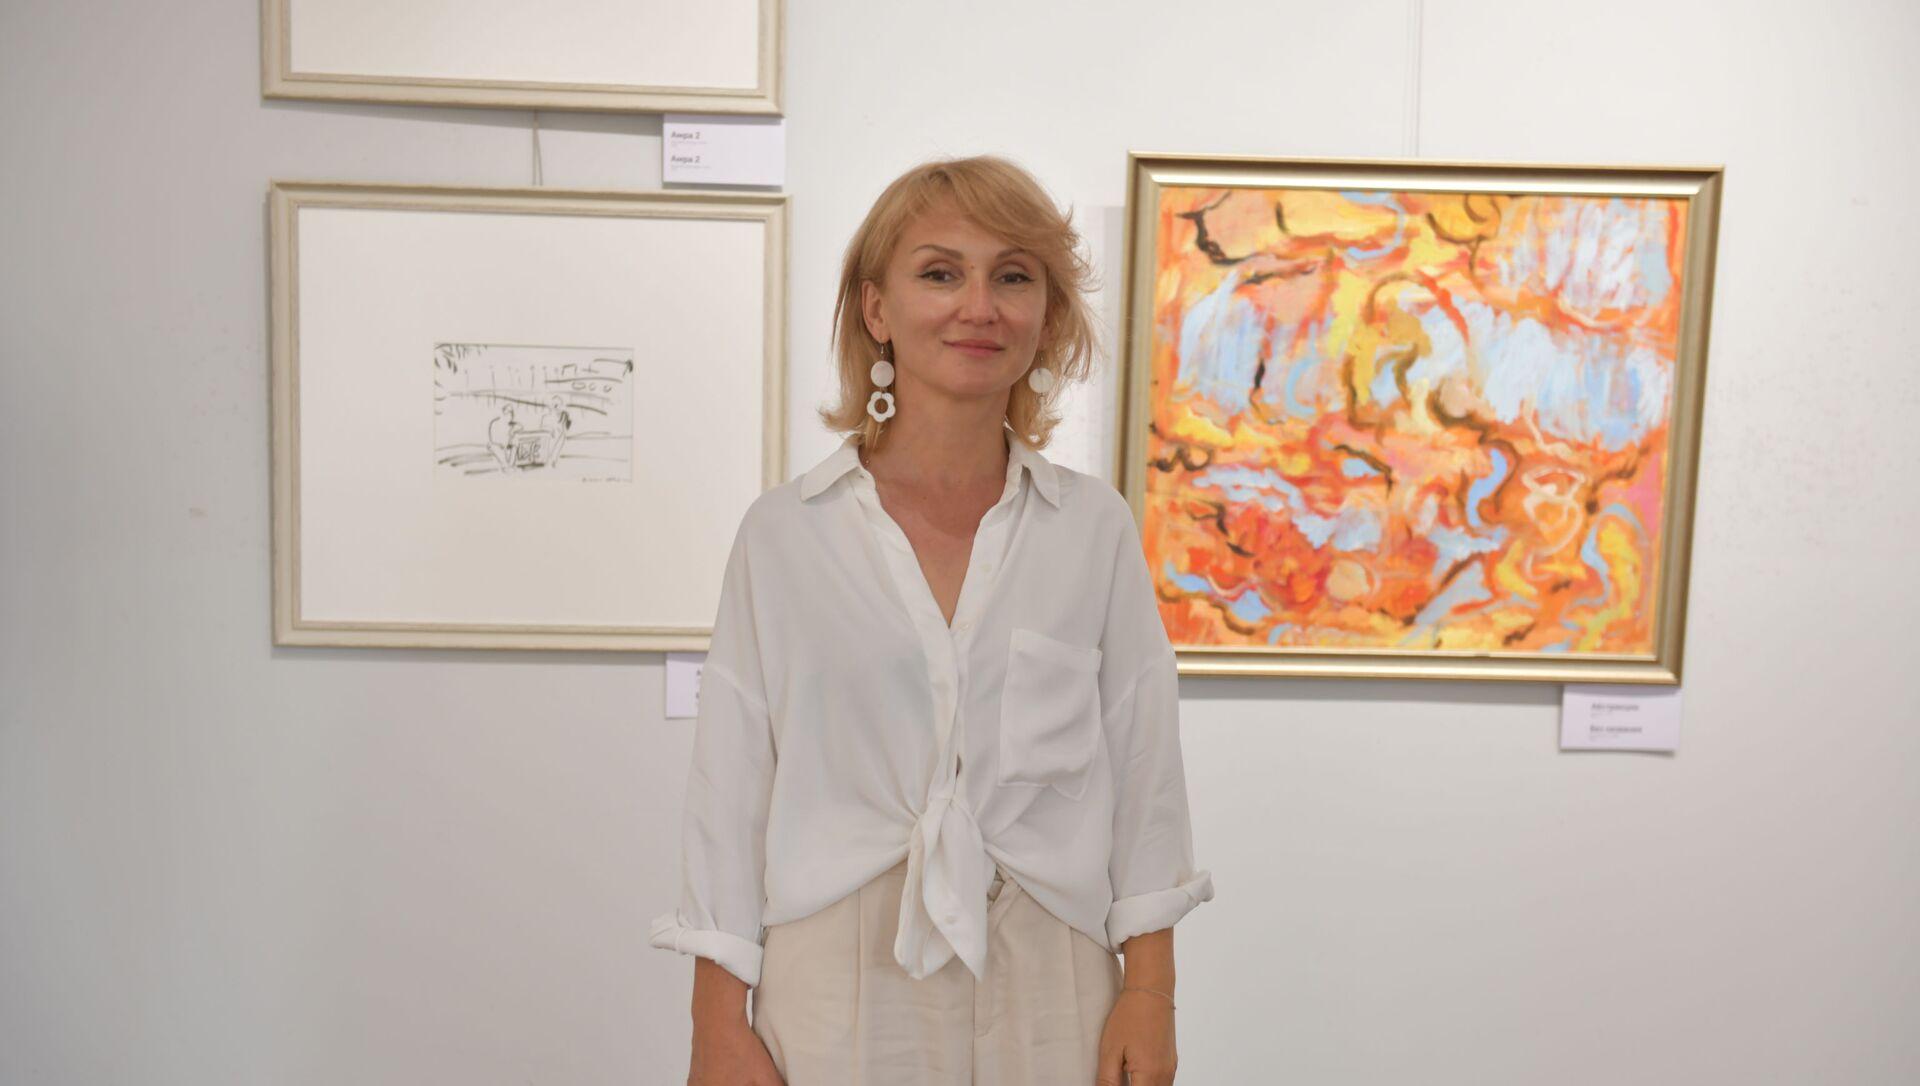 Открывается персональная выставка Мадины Бигуаа - Sputnik Абхазия, 1920, 17.09.2021